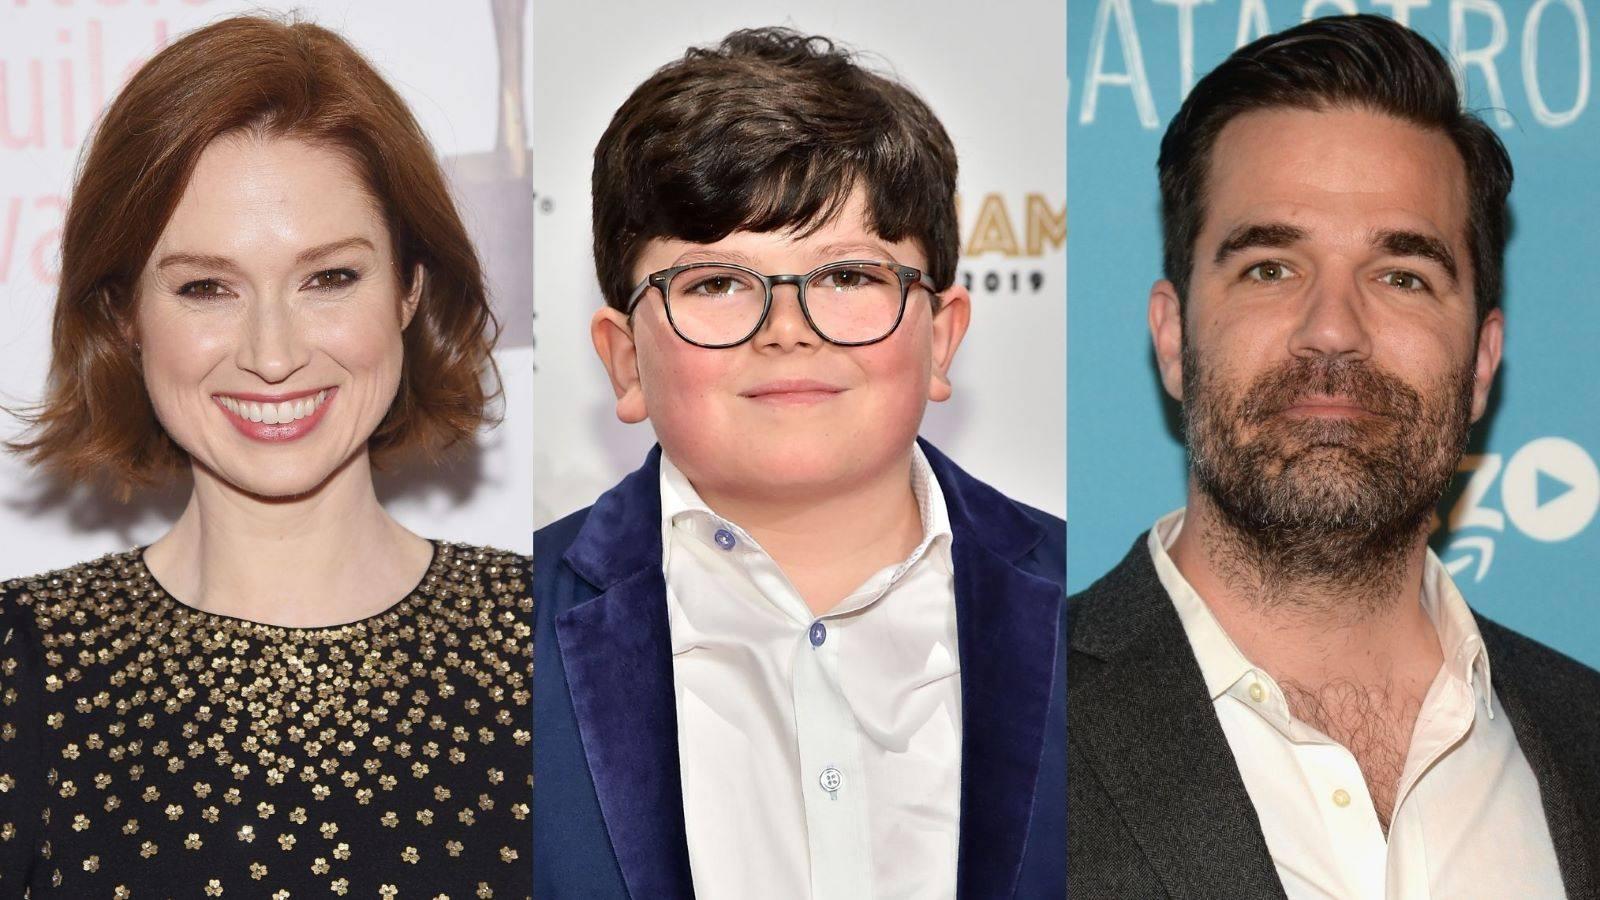 《小鬼当家》重启版电影确定将于11月12日登陆Disney+